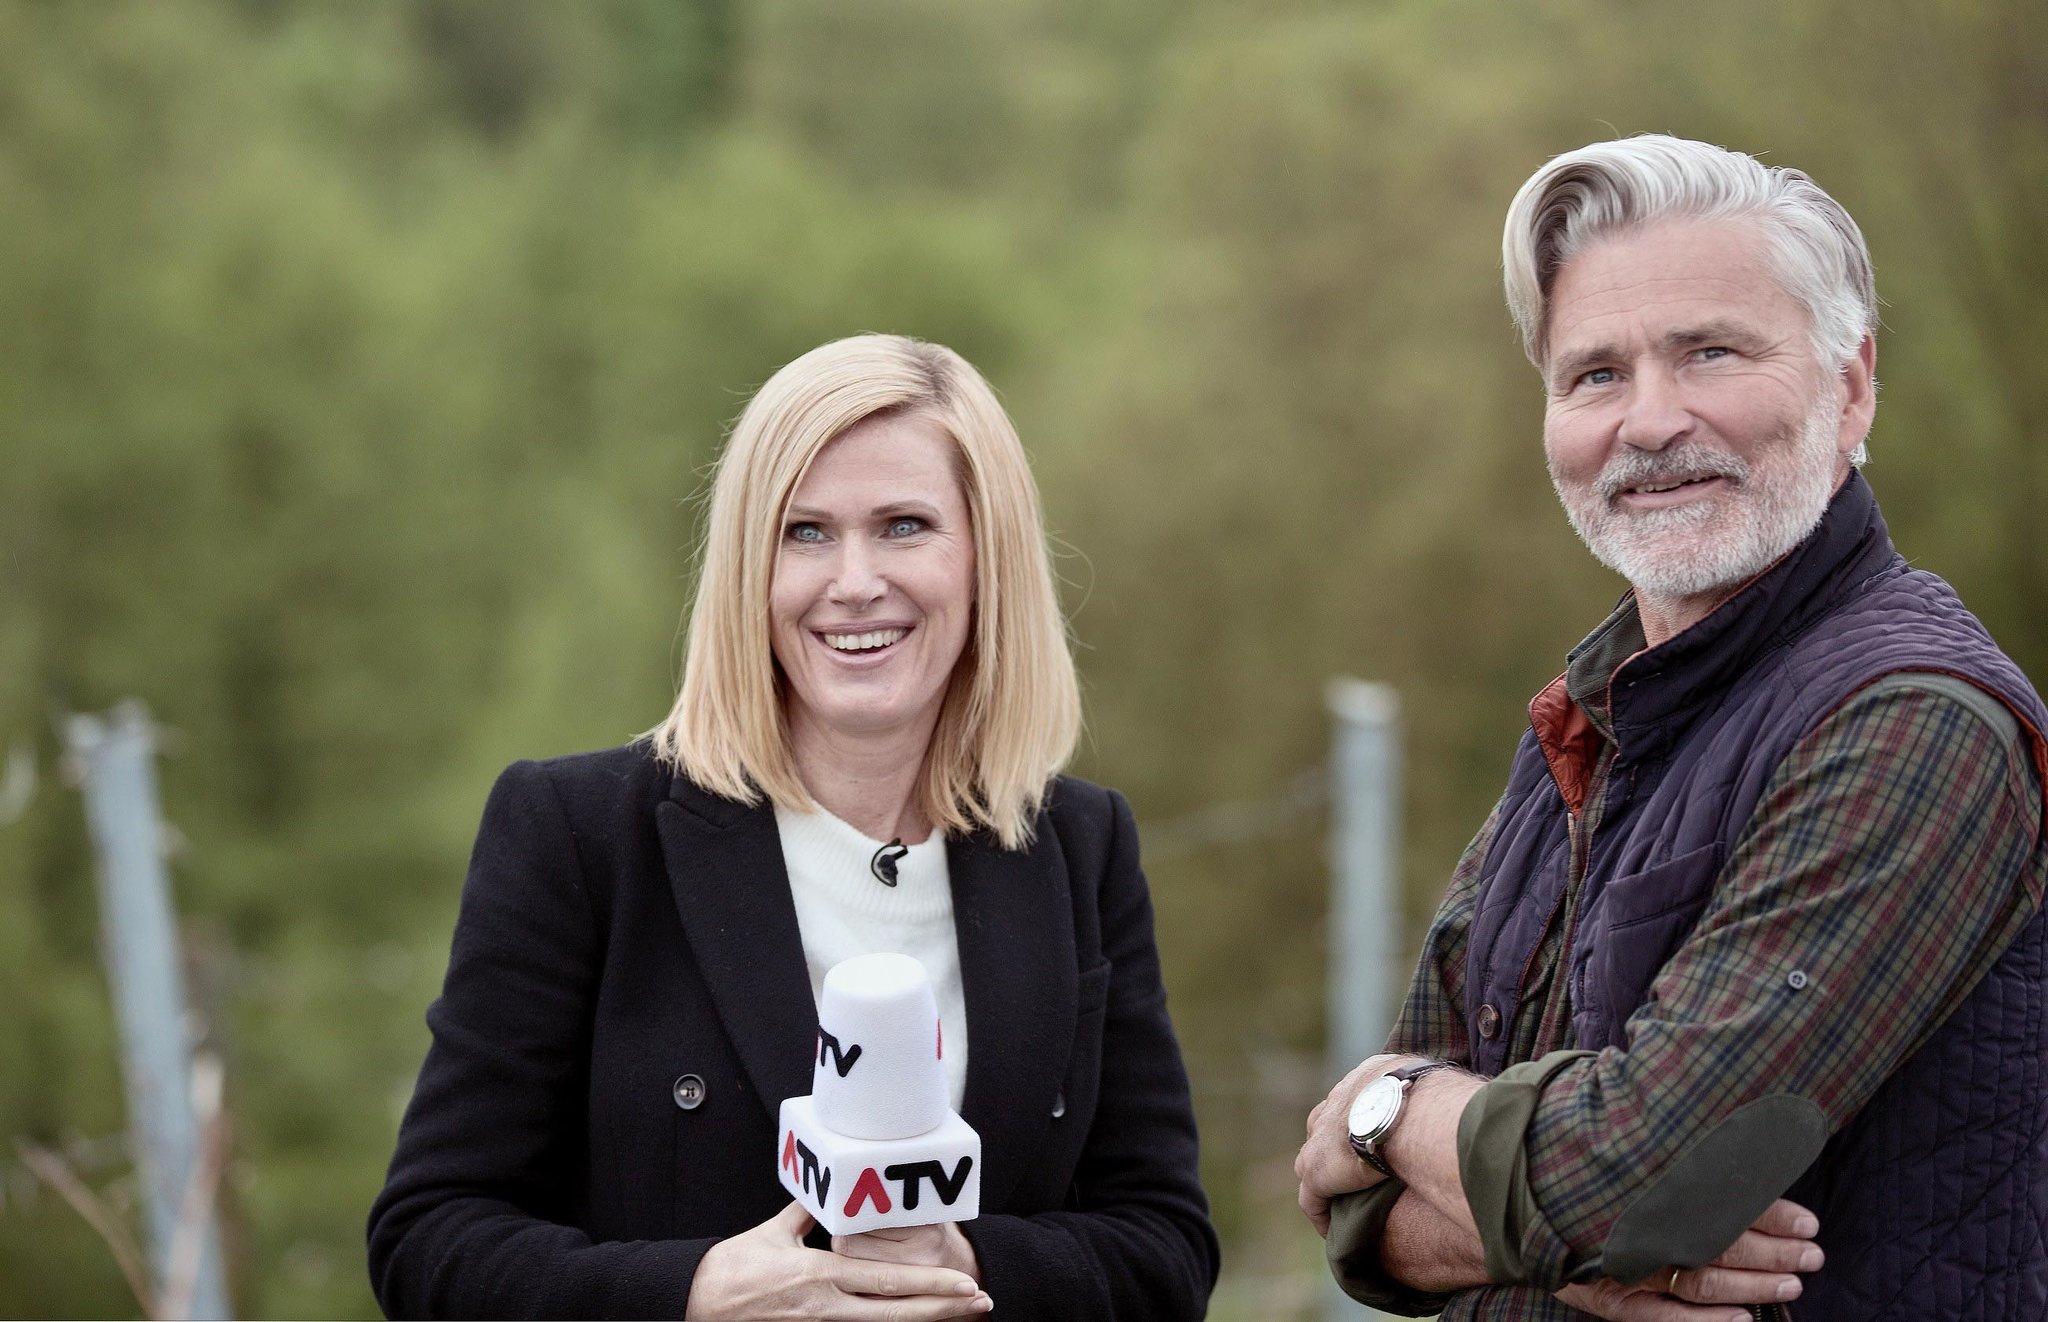 Atv Fernsehen